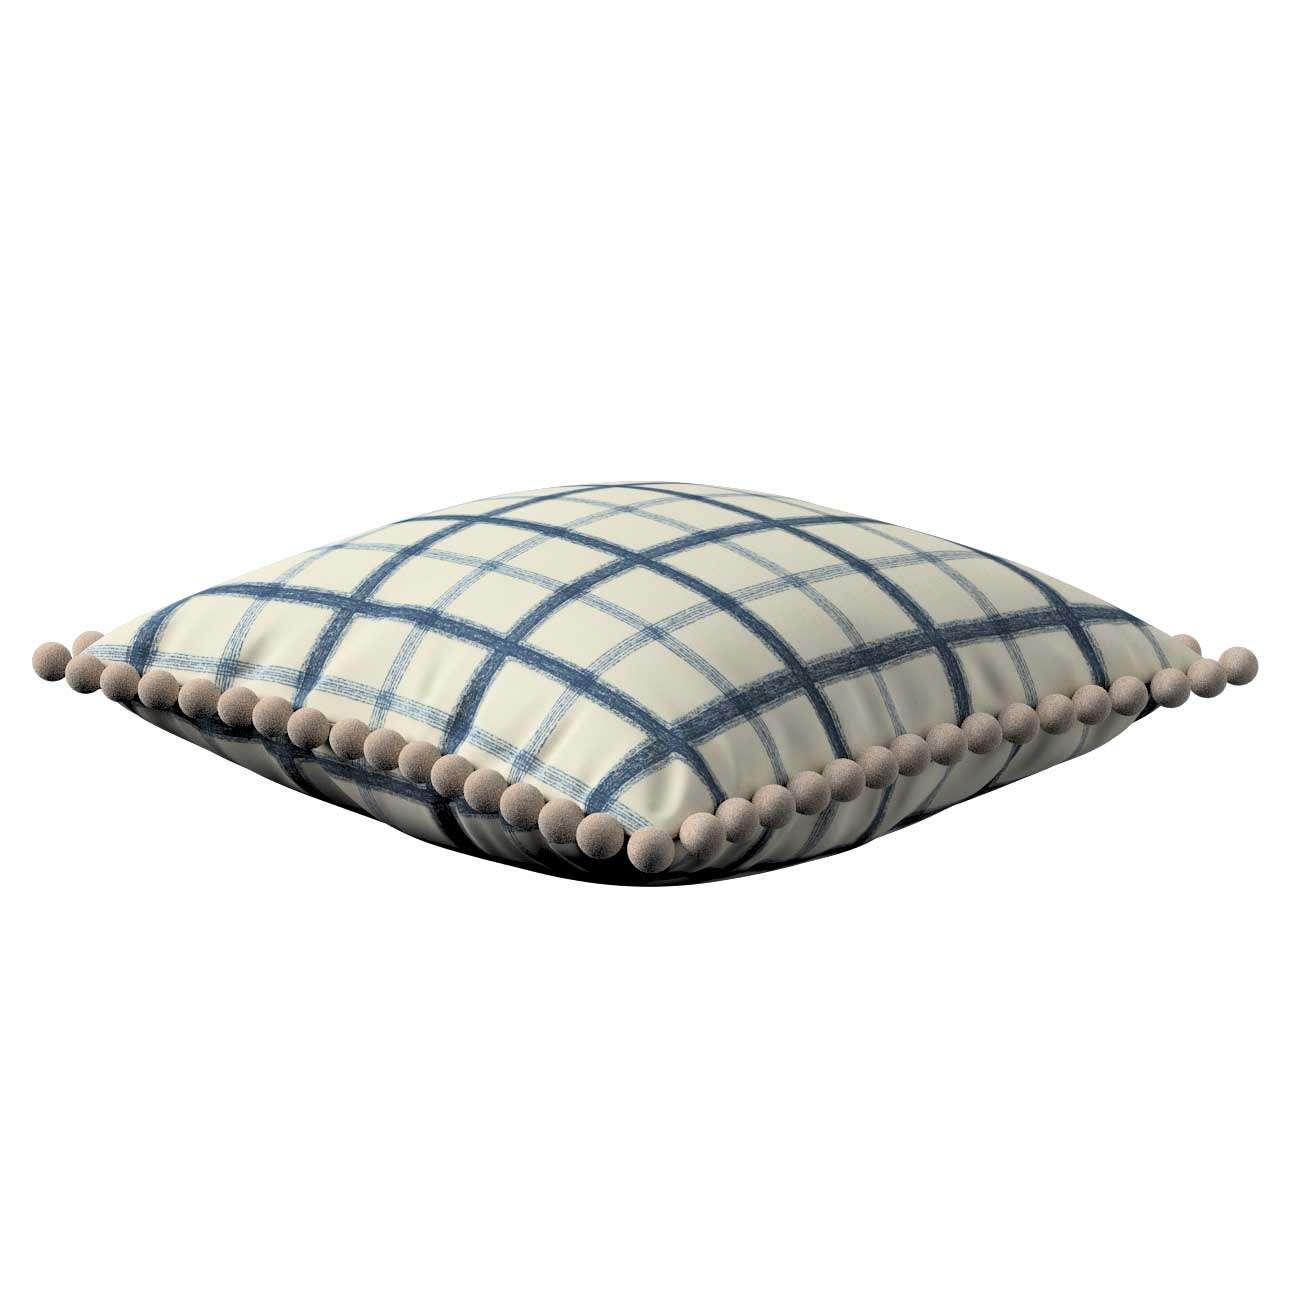 Wera dekoratyvinės pagalvėlės užvalkalas su žaismingais kraštais 45 x 45 cm kolekcijoje Avinon, audinys: 131-66